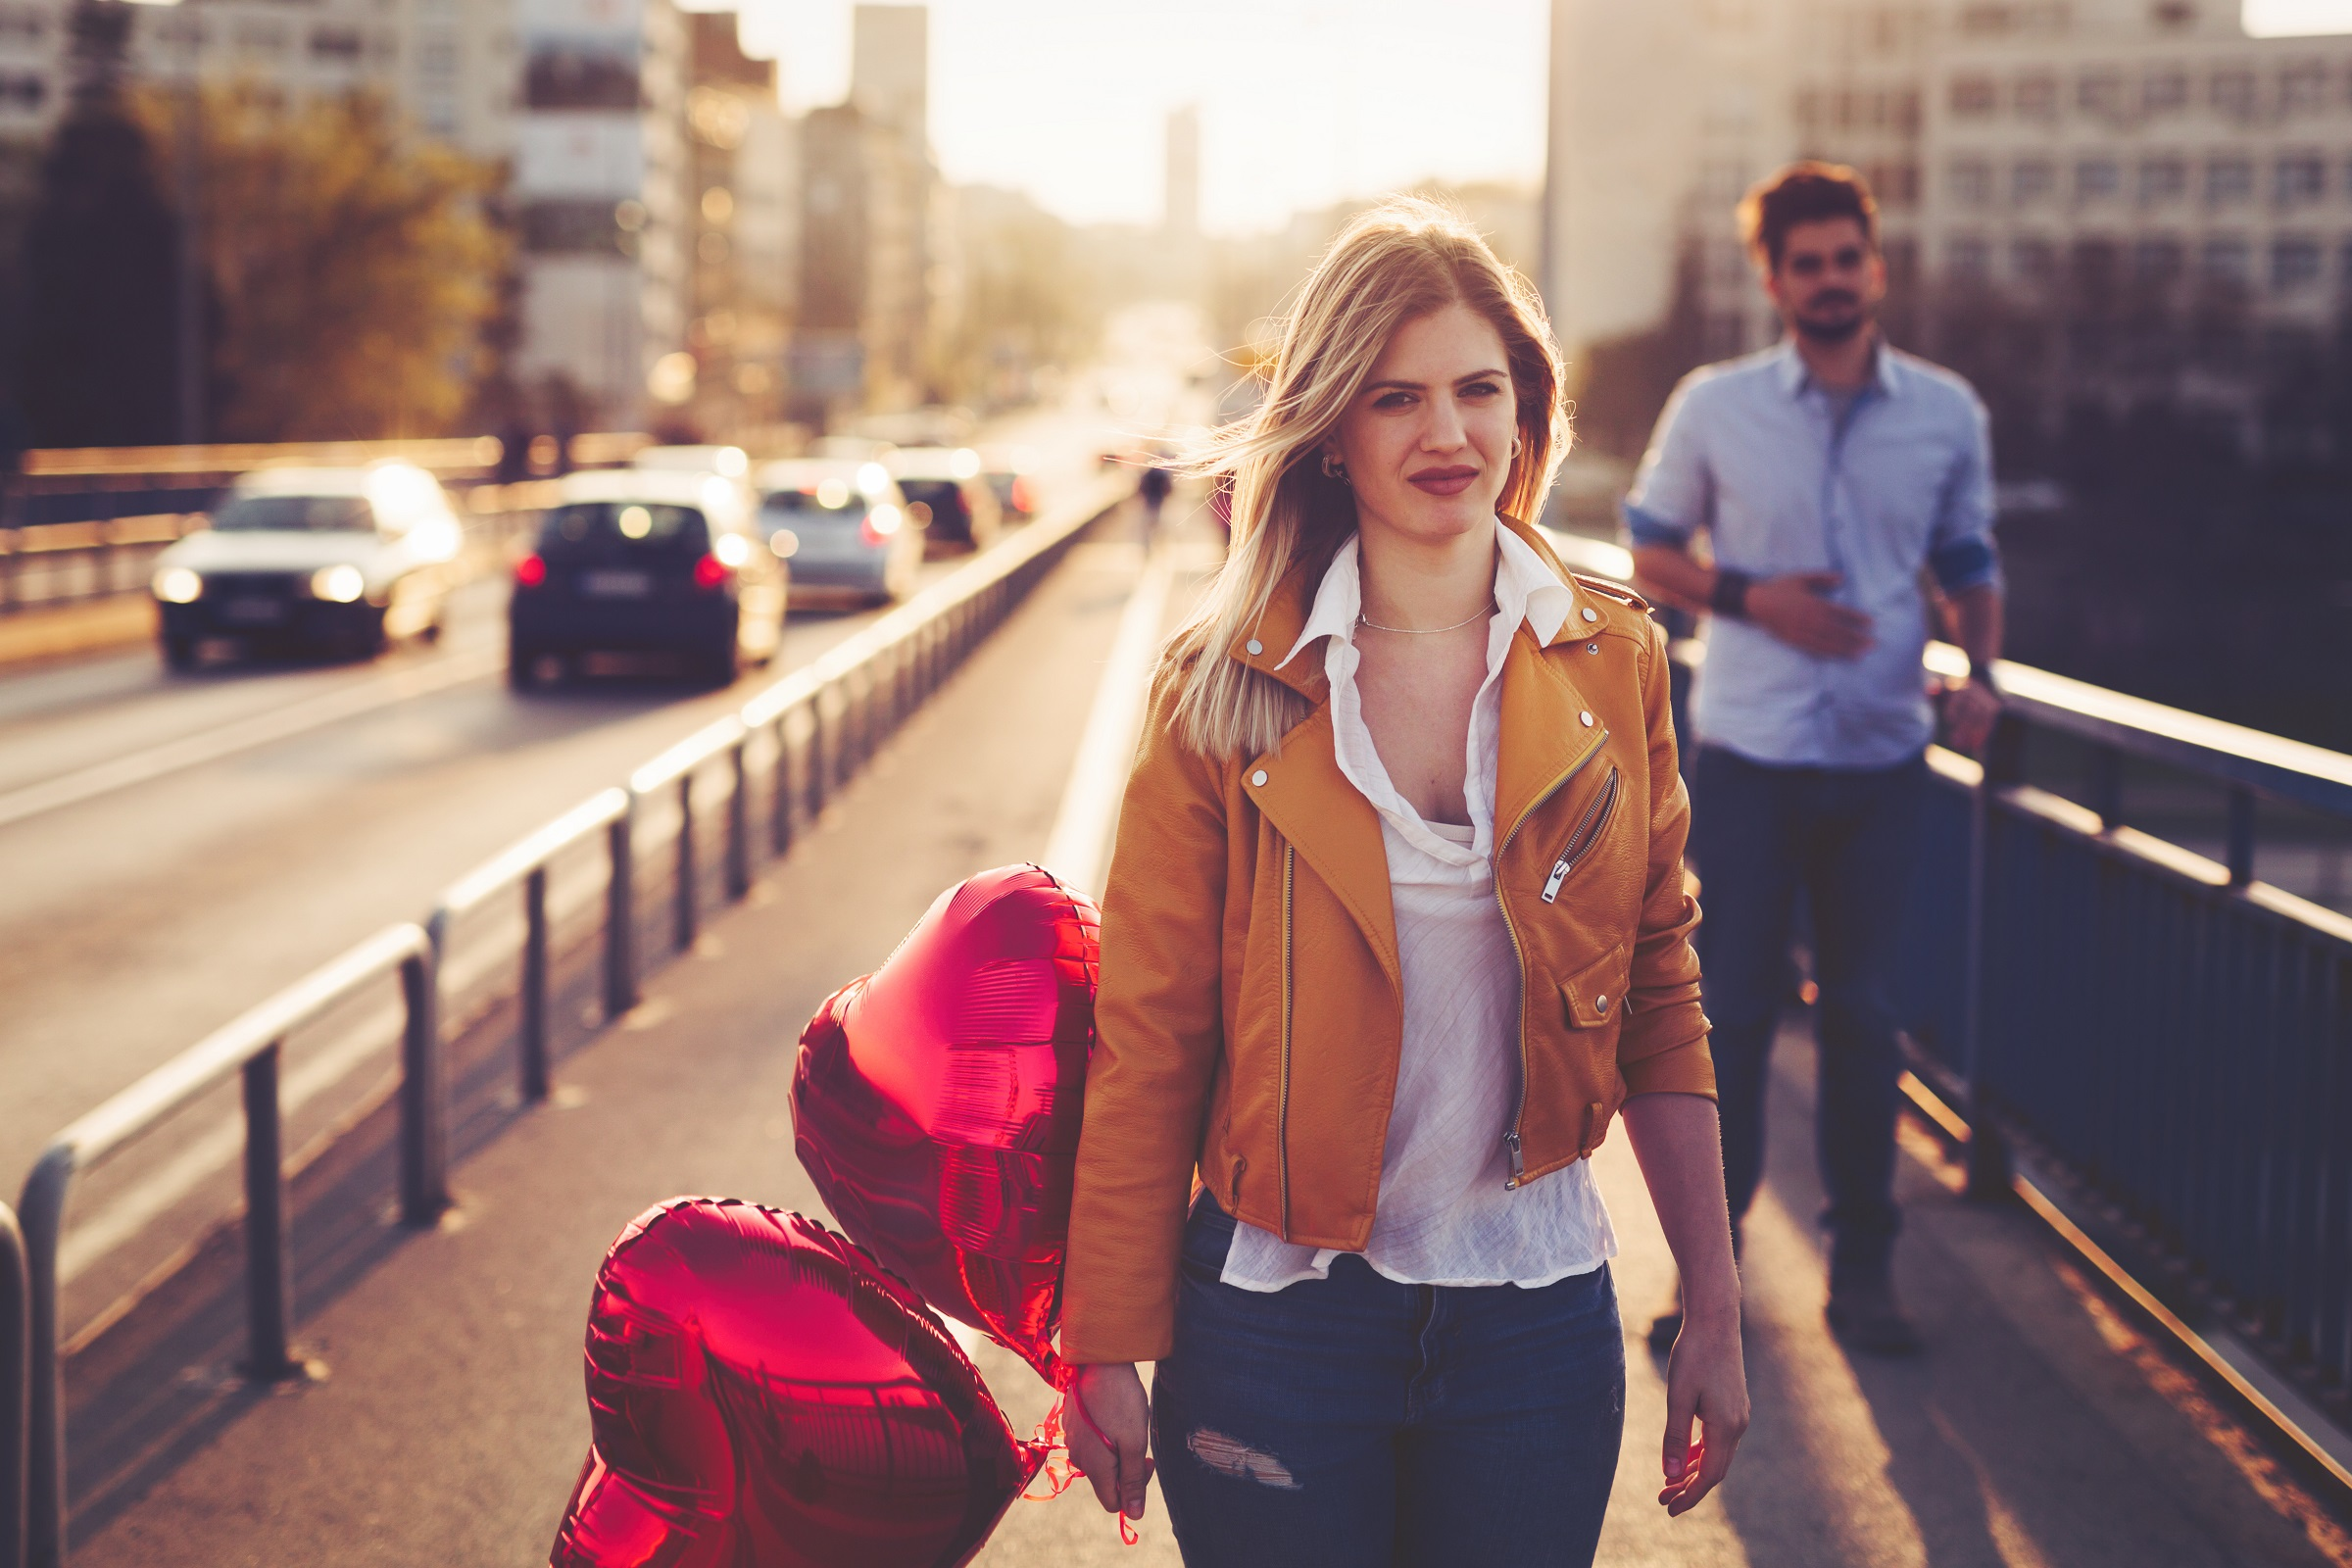 Nähe und Abstand in einer Beziehung – auf die richtige Mischung kommt es an!